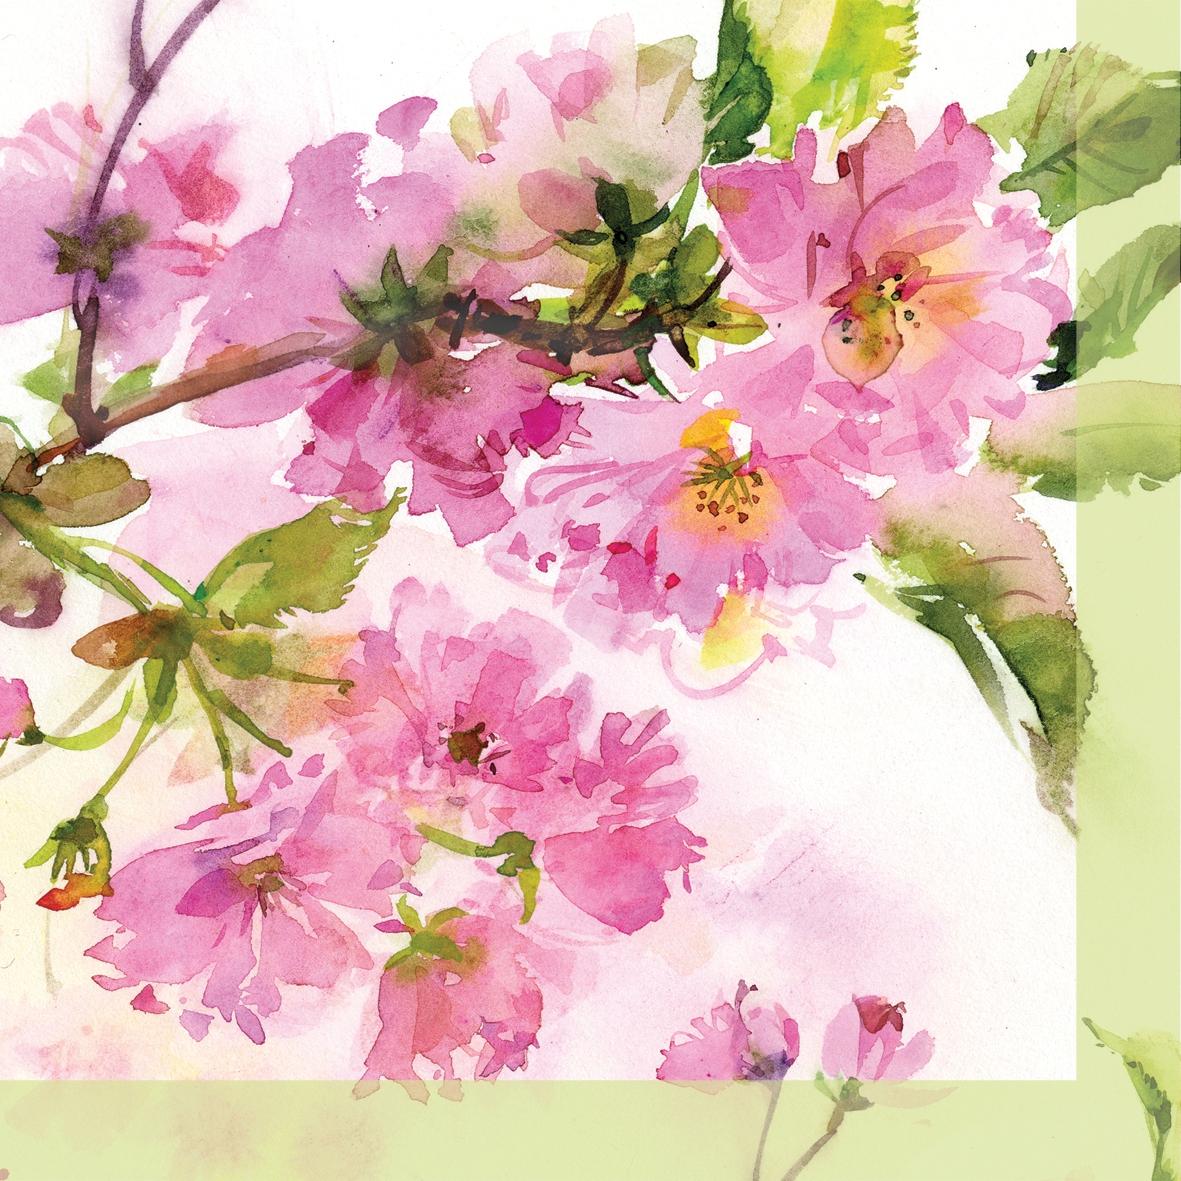 NEU im Shop,  Blumen -  Sonstige,  Everyday,  lunchservietten,  Kirschblüte